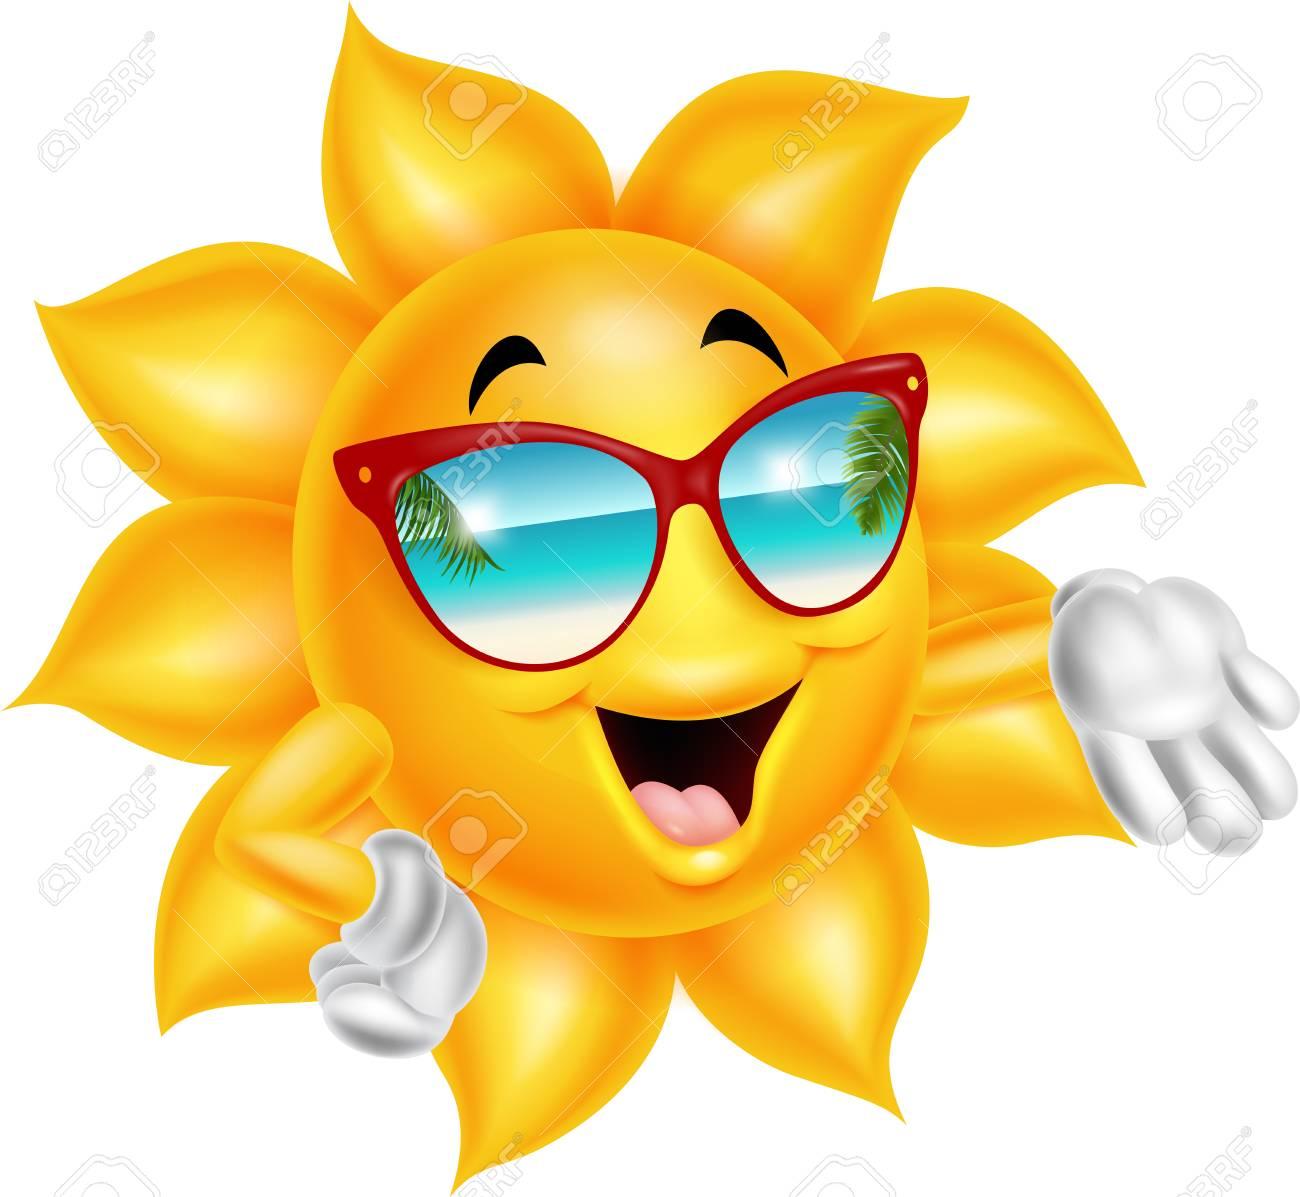 9eba50453b Cartoon cartoon sun character wearing sunglasses Stock Vector - 83320512